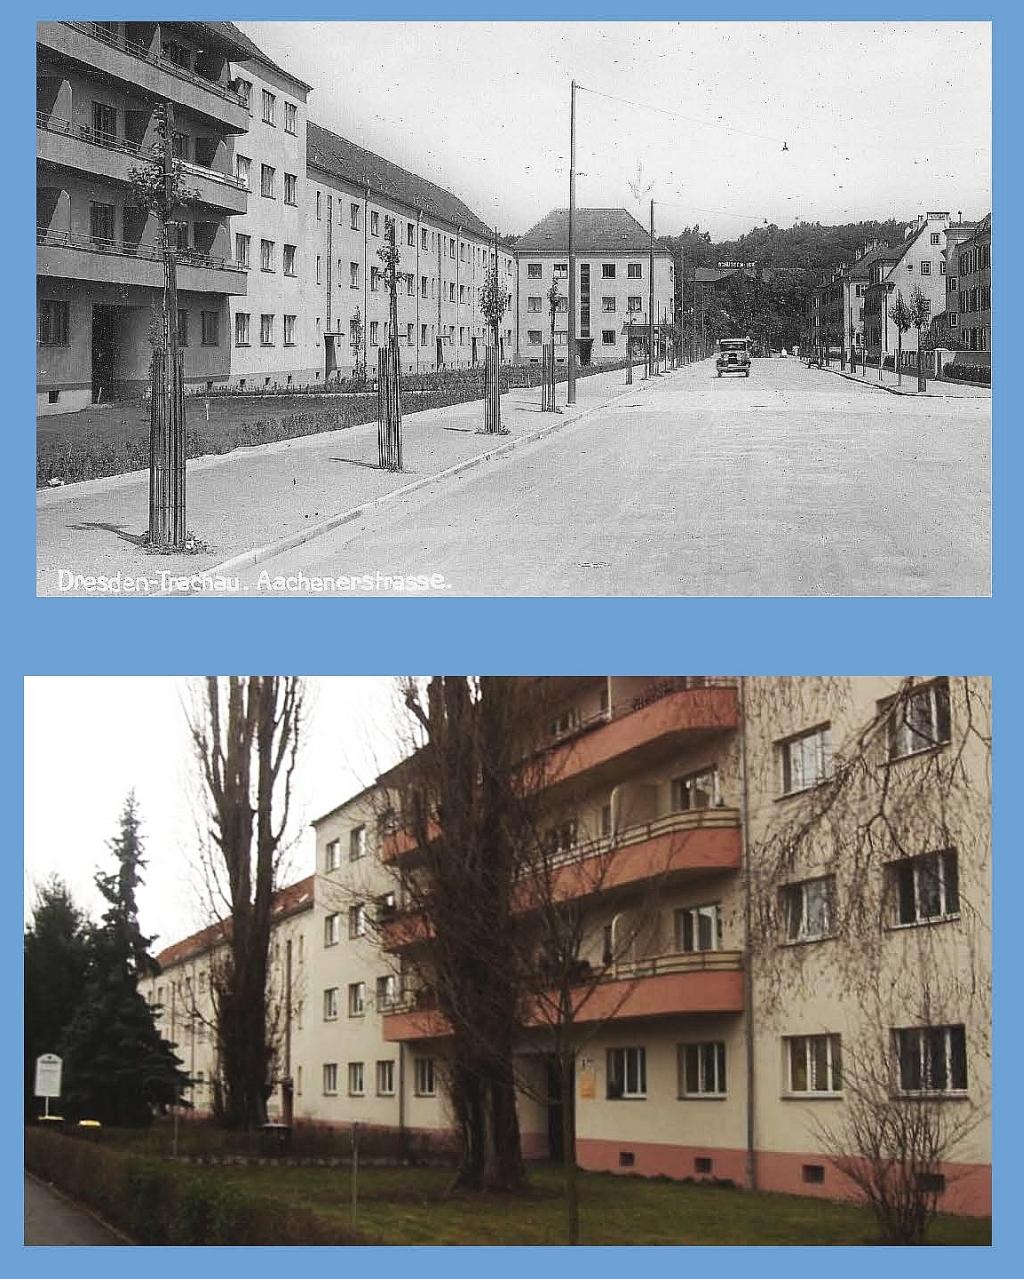 Richter Aachener Straße